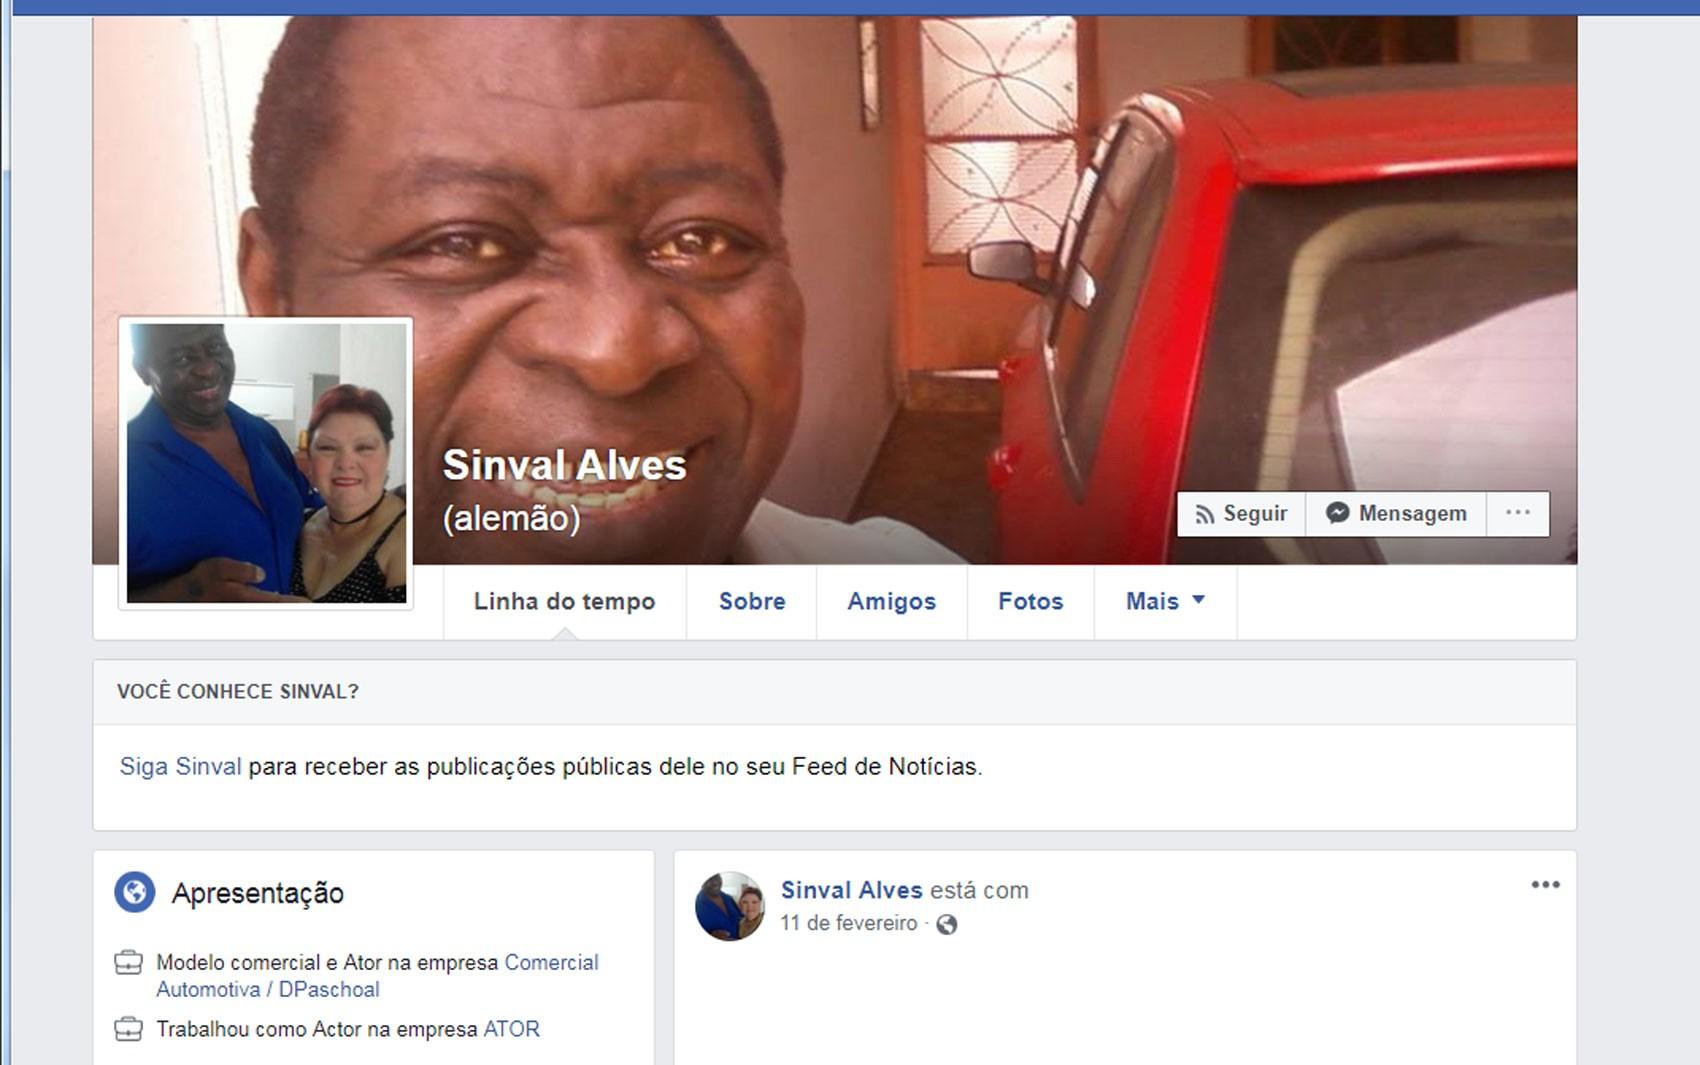 Ator Sinval Alves, o 'Alemão' das propagandas da DPaschoal, morre em SP 2